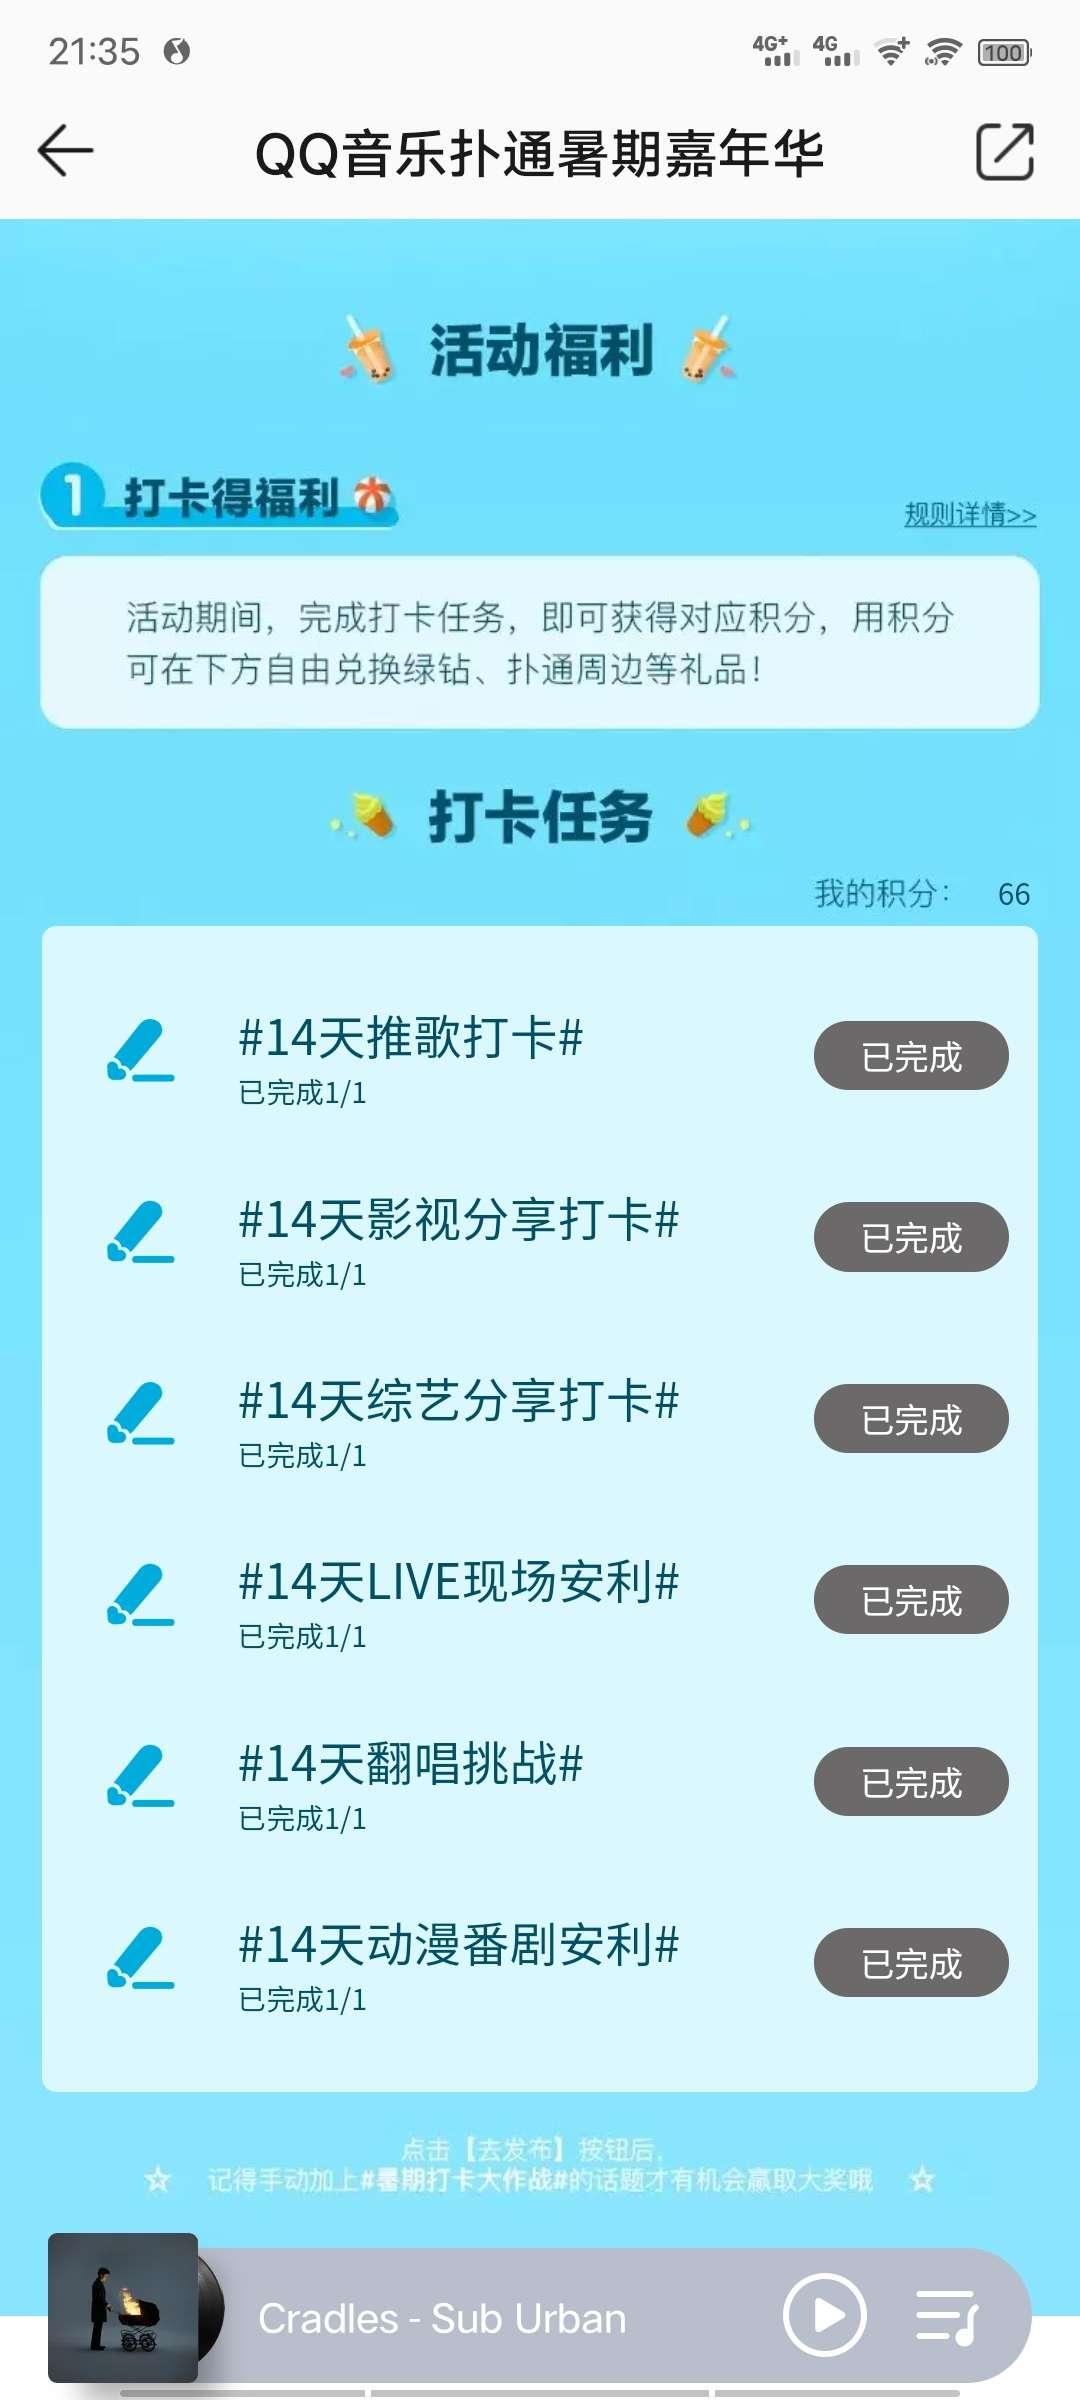 【实体会员专区】QQ音乐打卡签到领积分换购实体和vip会员插图2